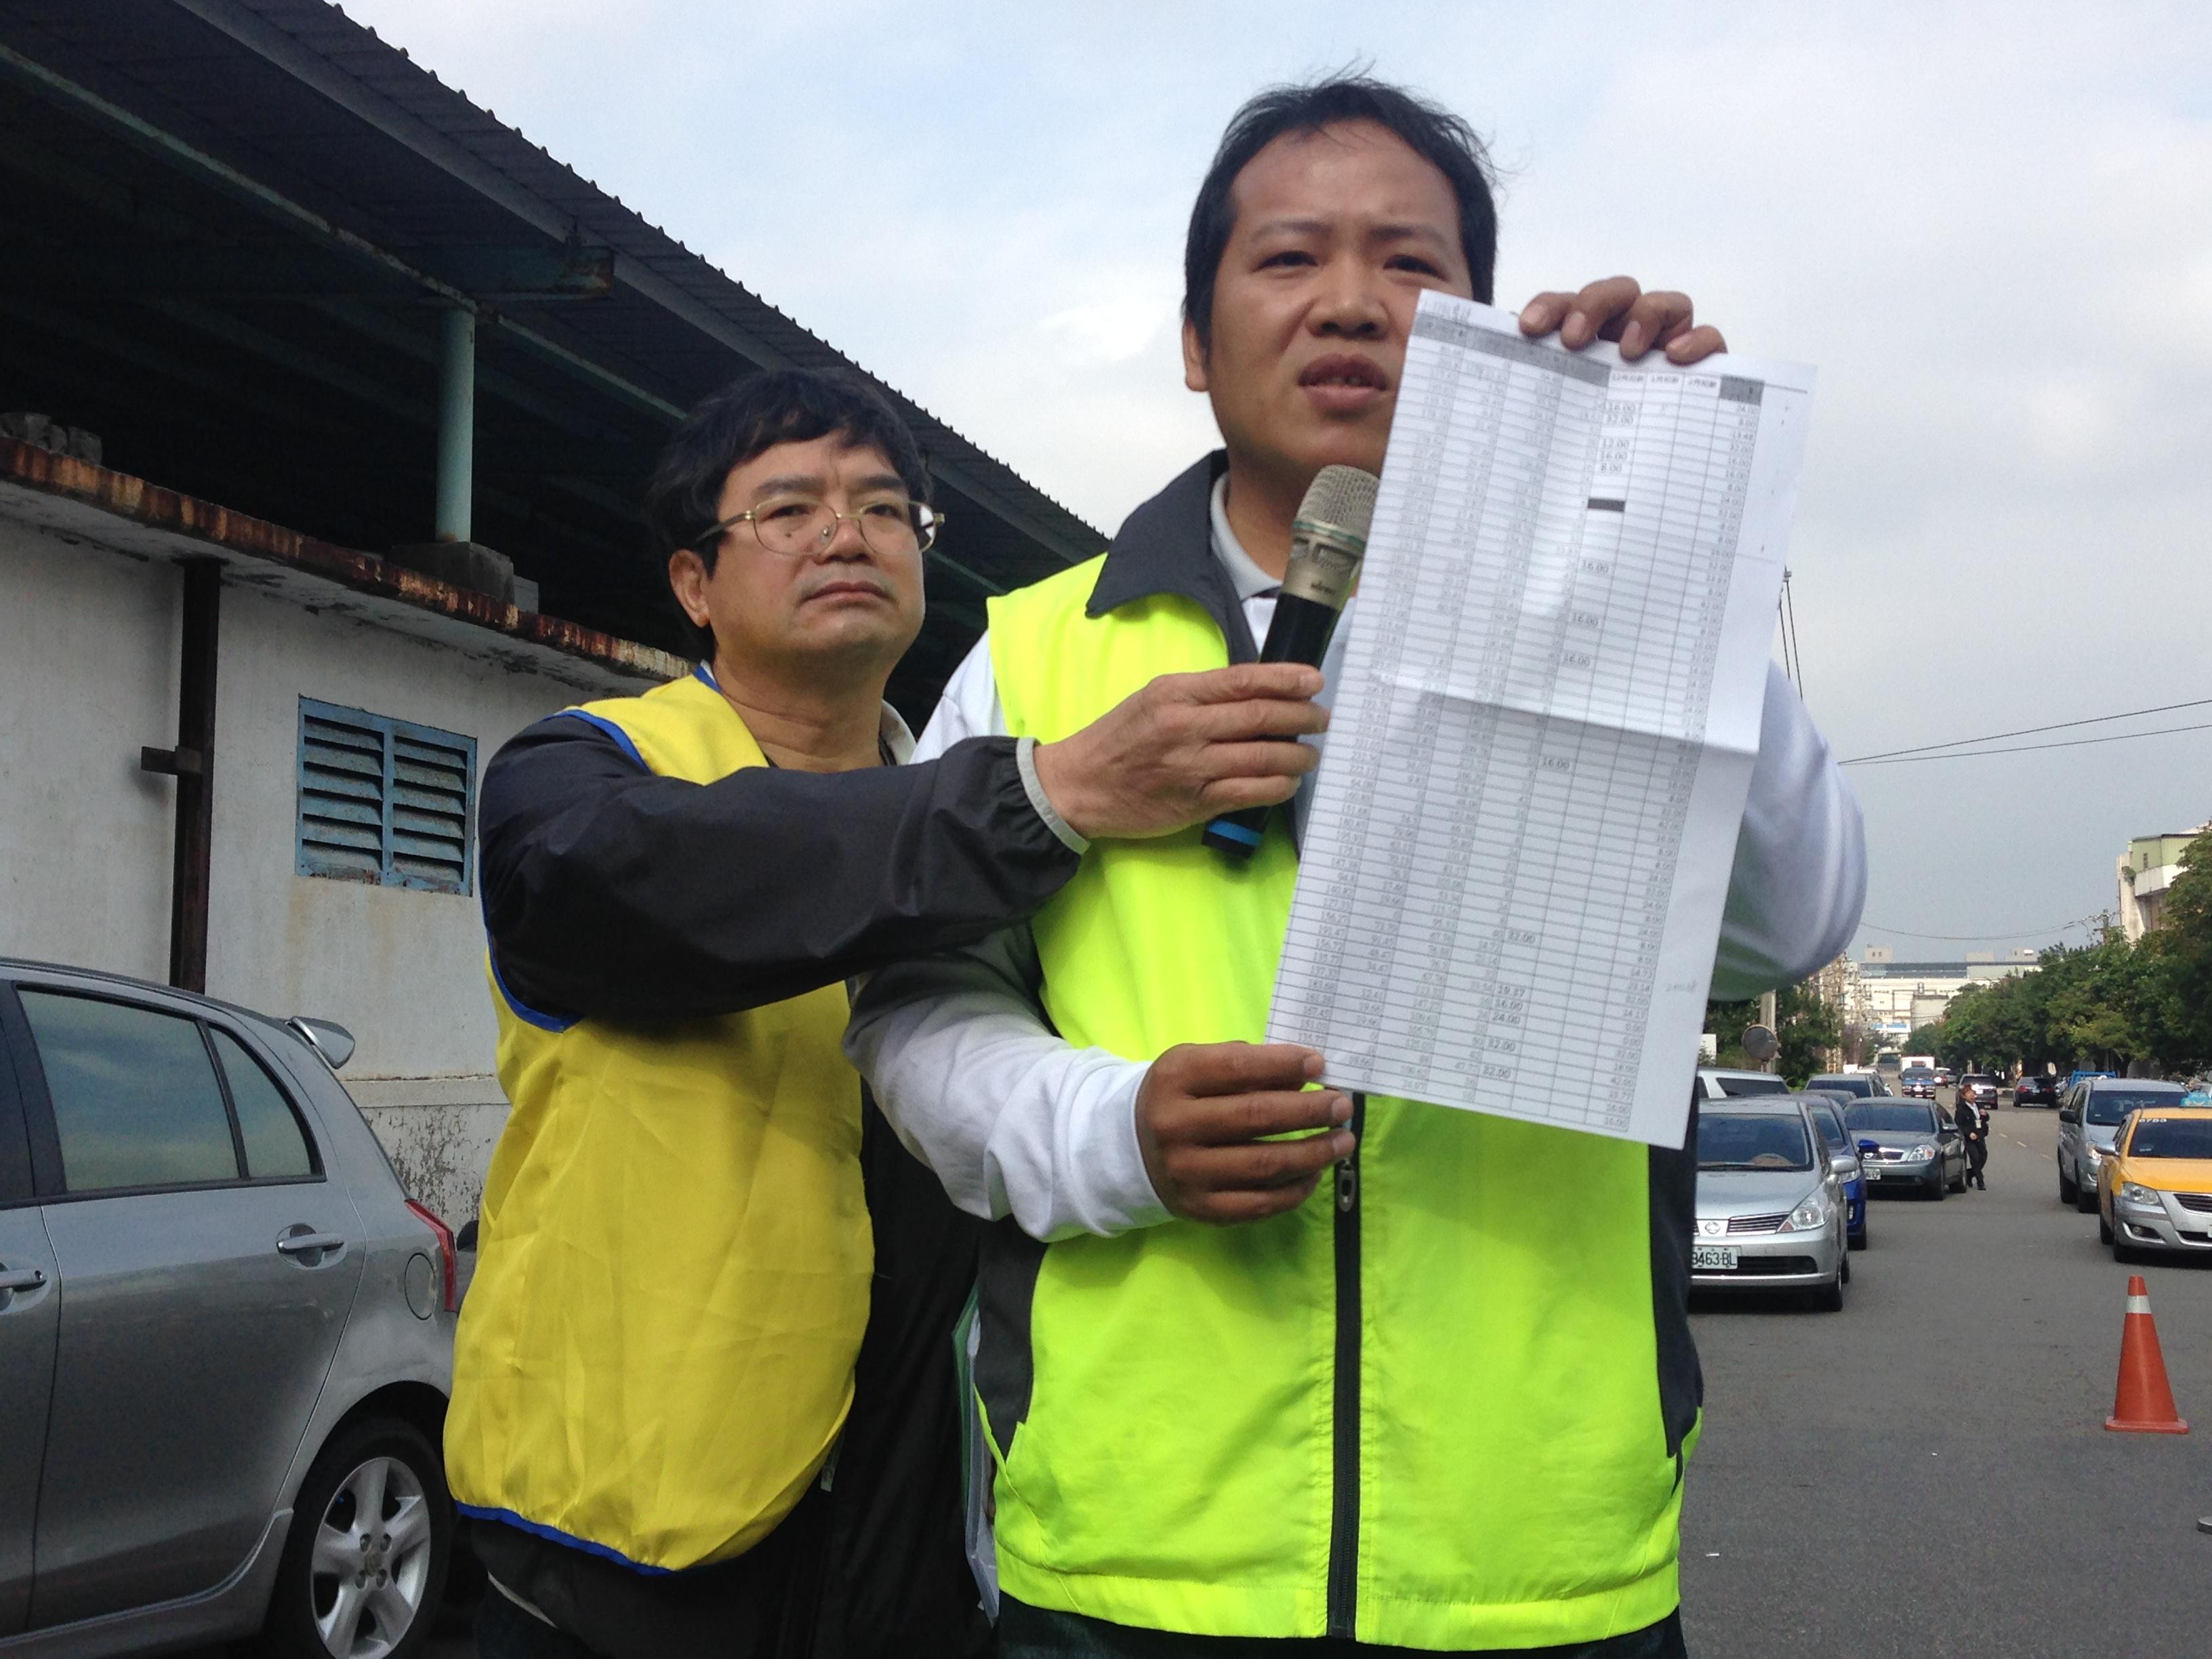 桃電產理事長趙建輝展示宏達電的「勞工淡季休假時數登記表」。(攝影:張宗坤)